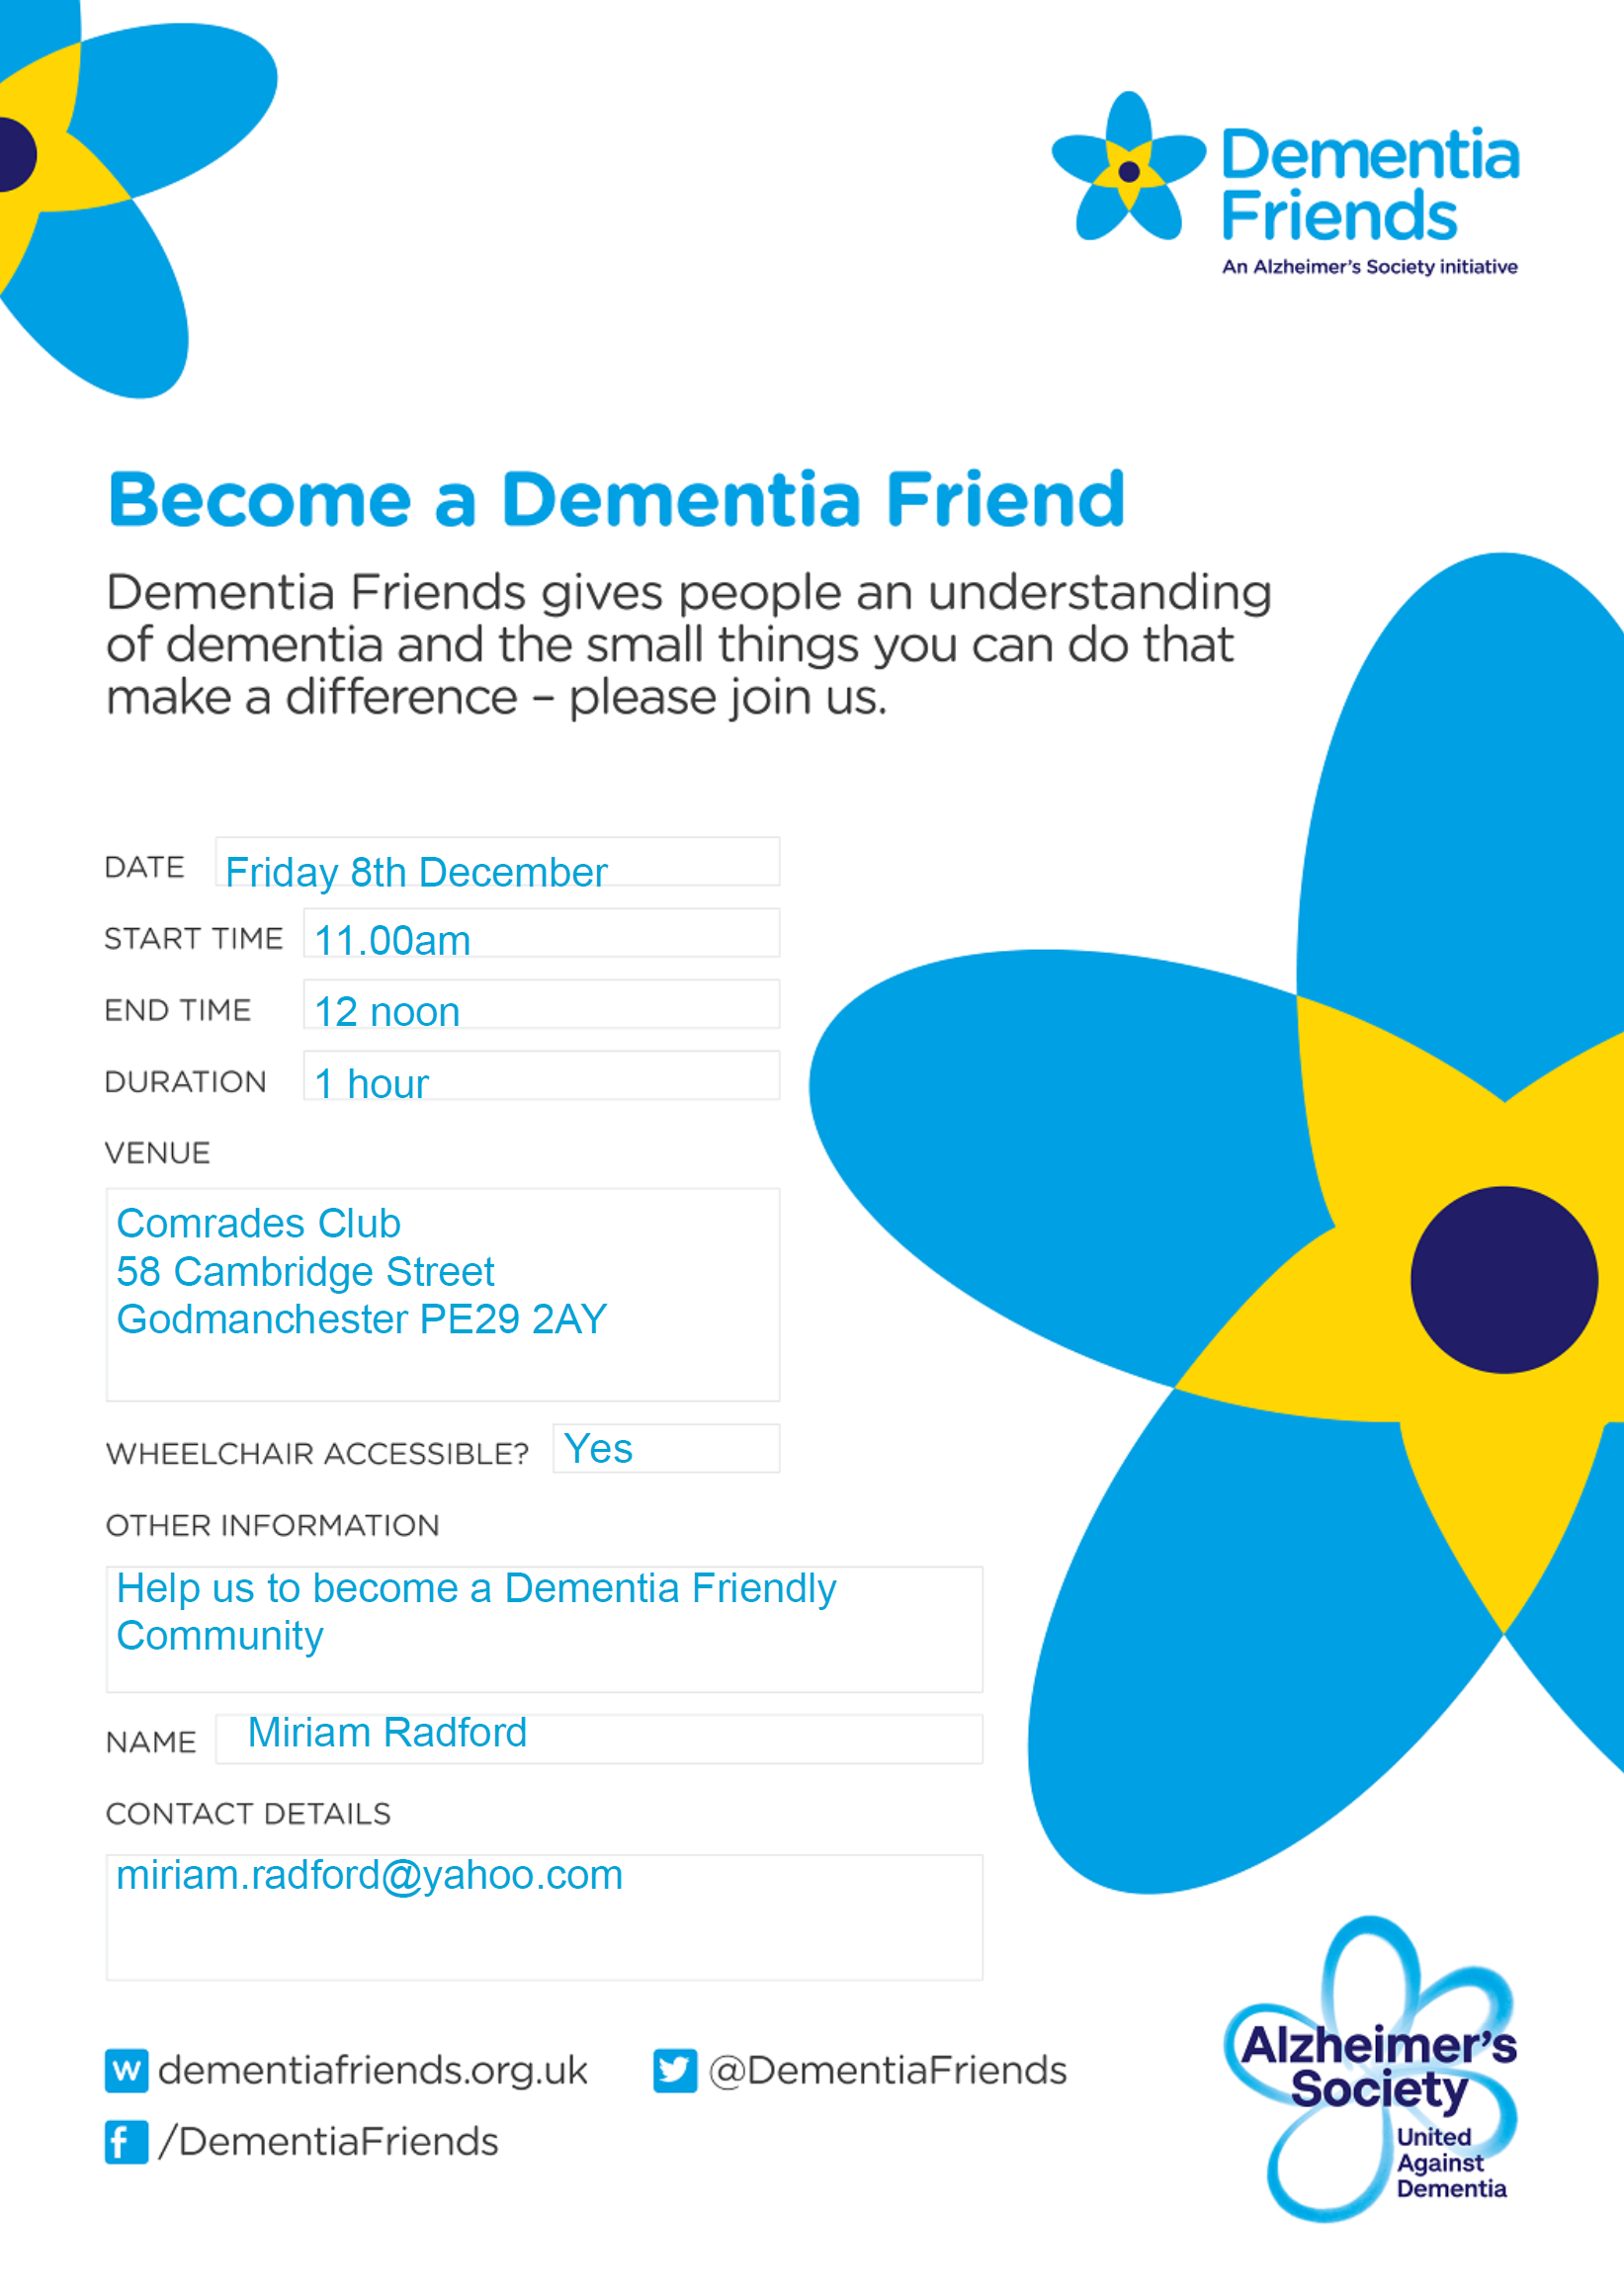 Dementia Friends